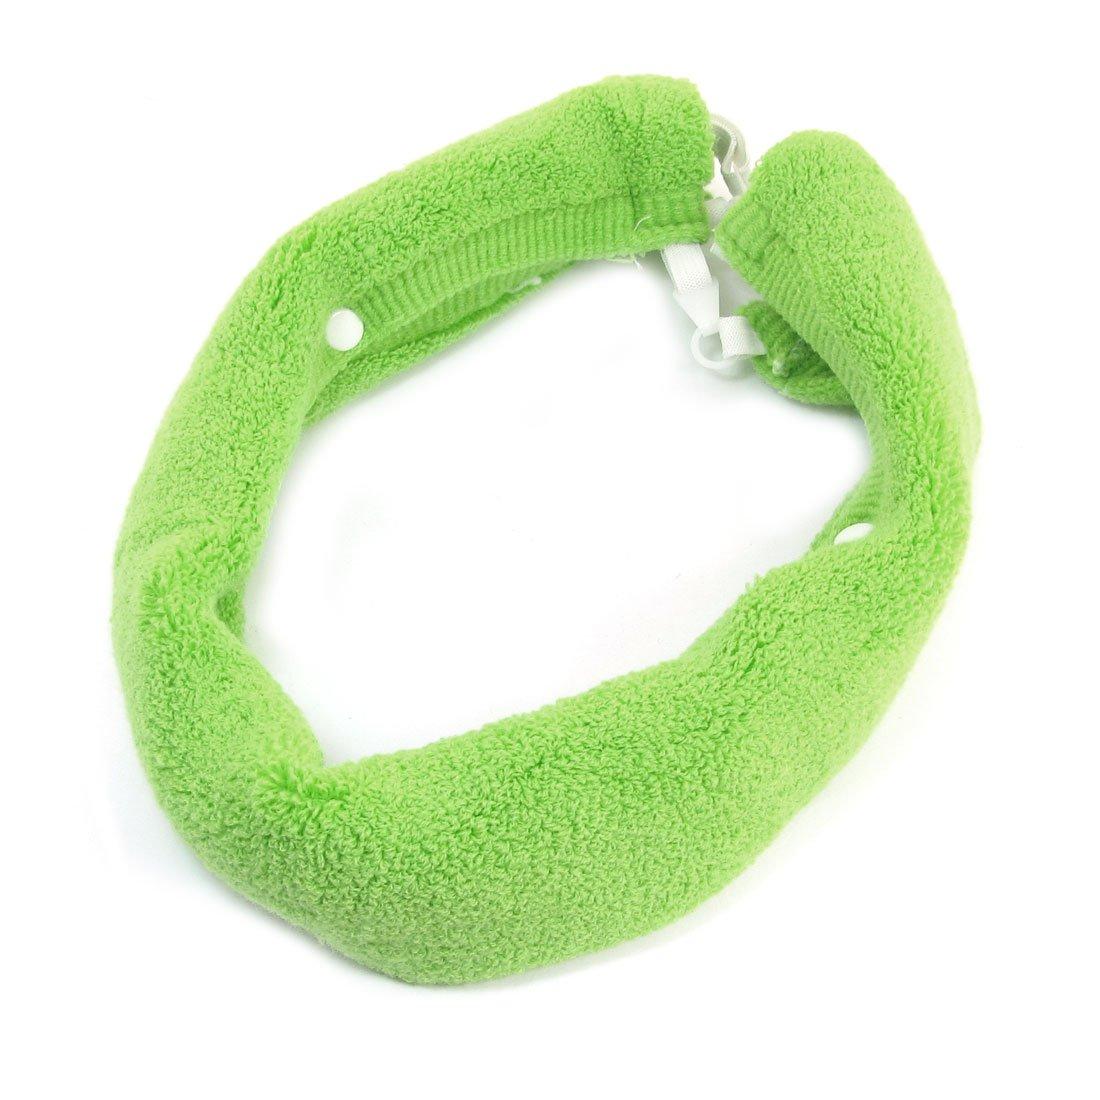 Санузел многоразовые теплые мягкие Чехлы для сиденья унитаза Коврики Pad Подушки зеленый